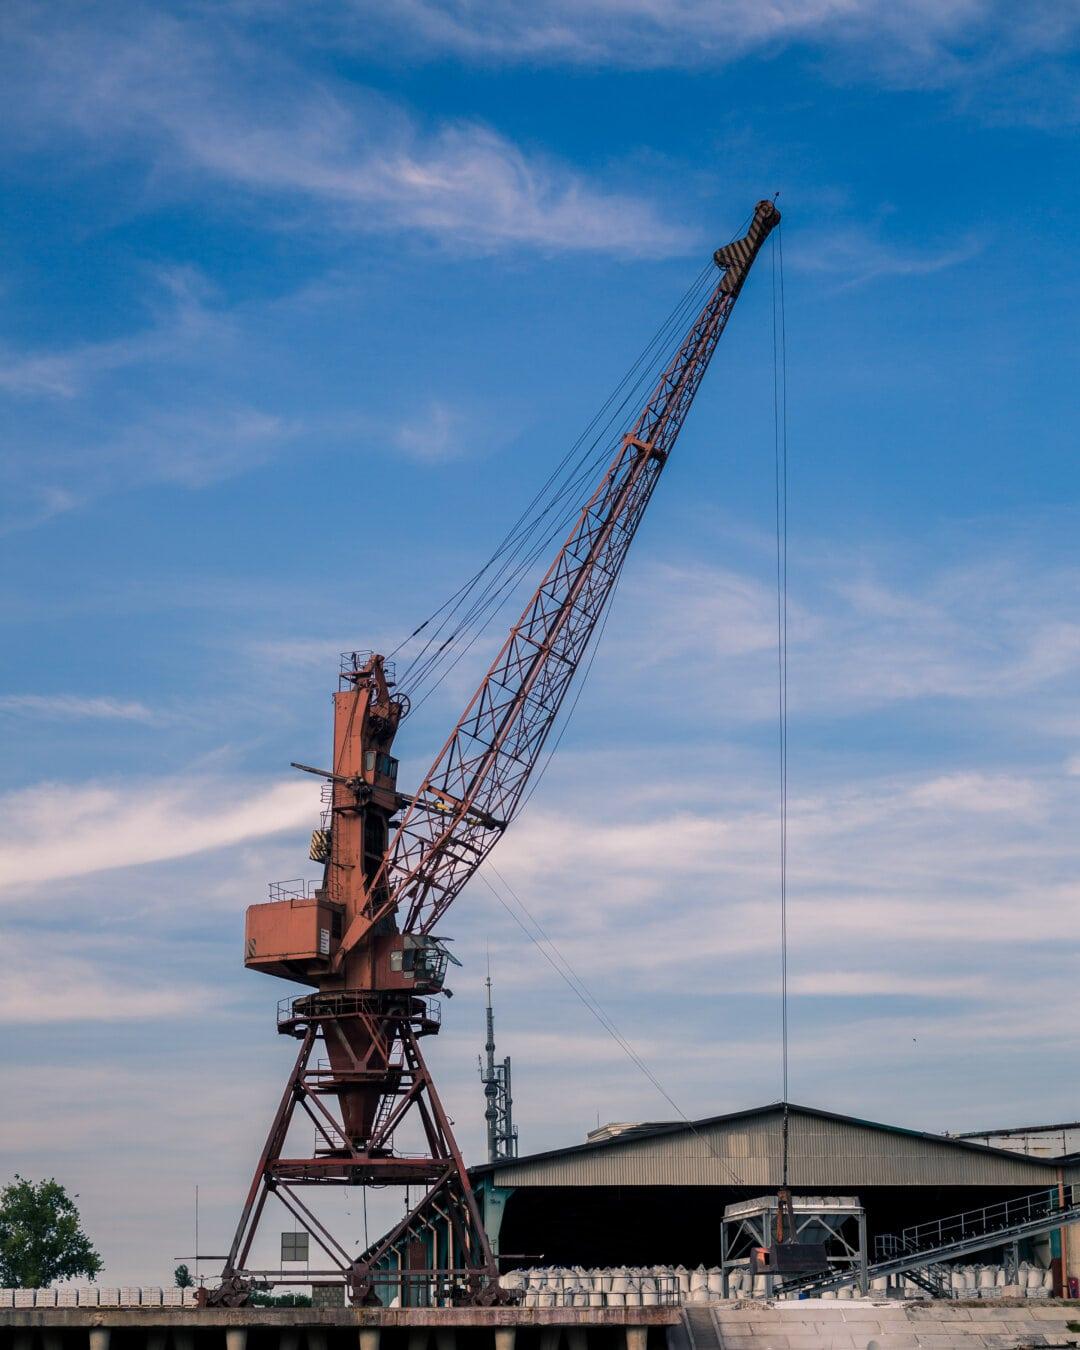 secteur d'activité, Factory, Crane, machine, lourdes, Cargo, construction, en acier, machines, industriel